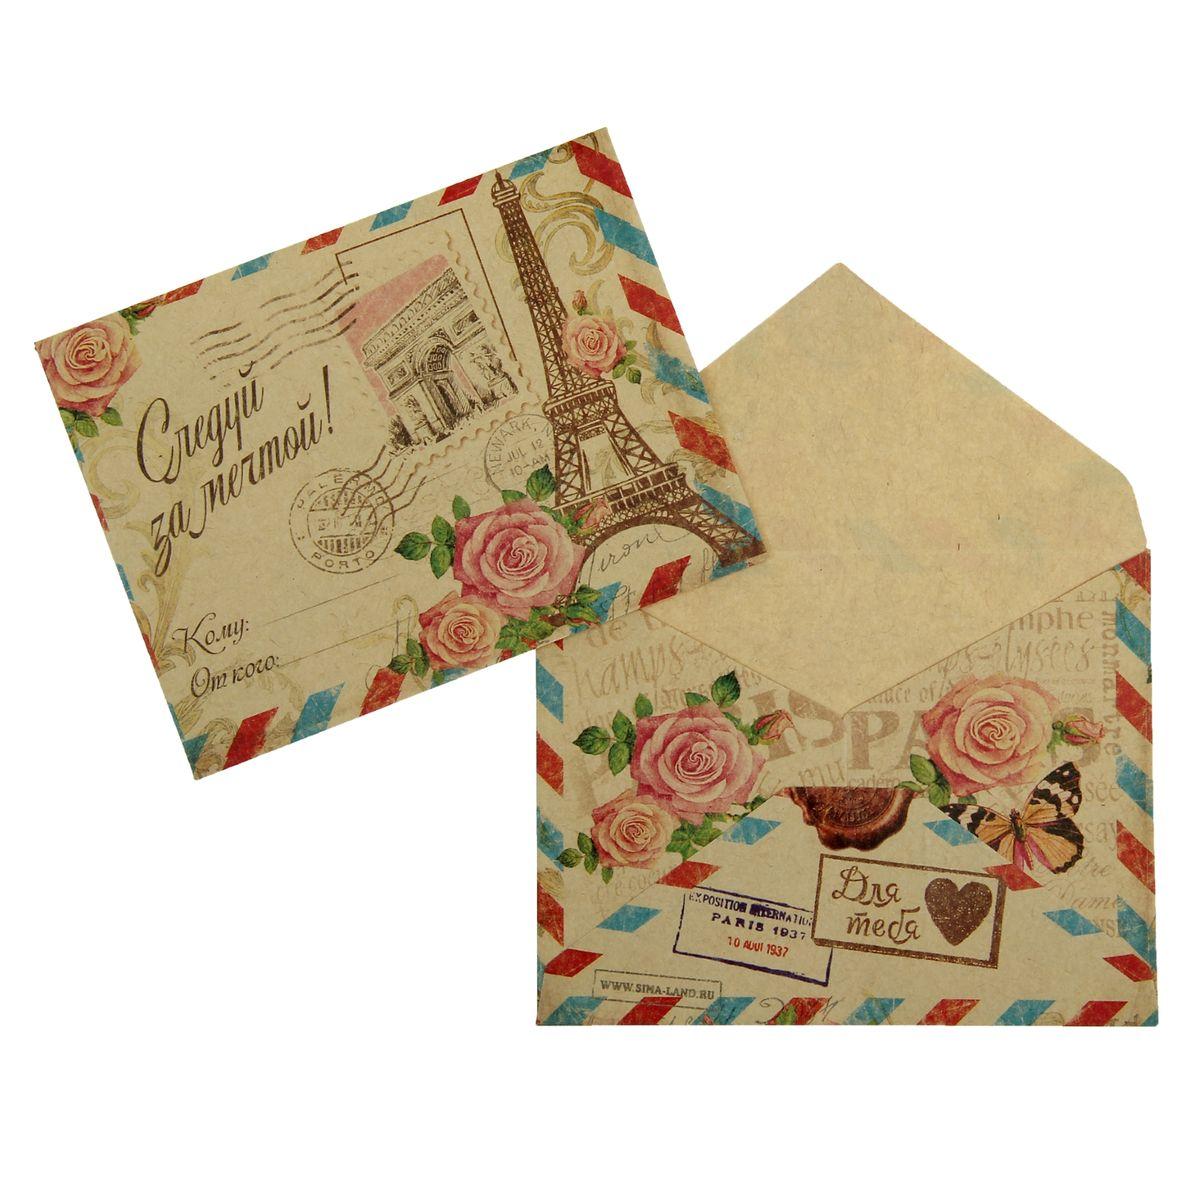 Конверт подарочный Париж, 7,5 см х 9,8 см1021077Конверт Париж, выполненный из бумаги, станет необычным и приятным оформлением денежного подарка в честь приятного события.